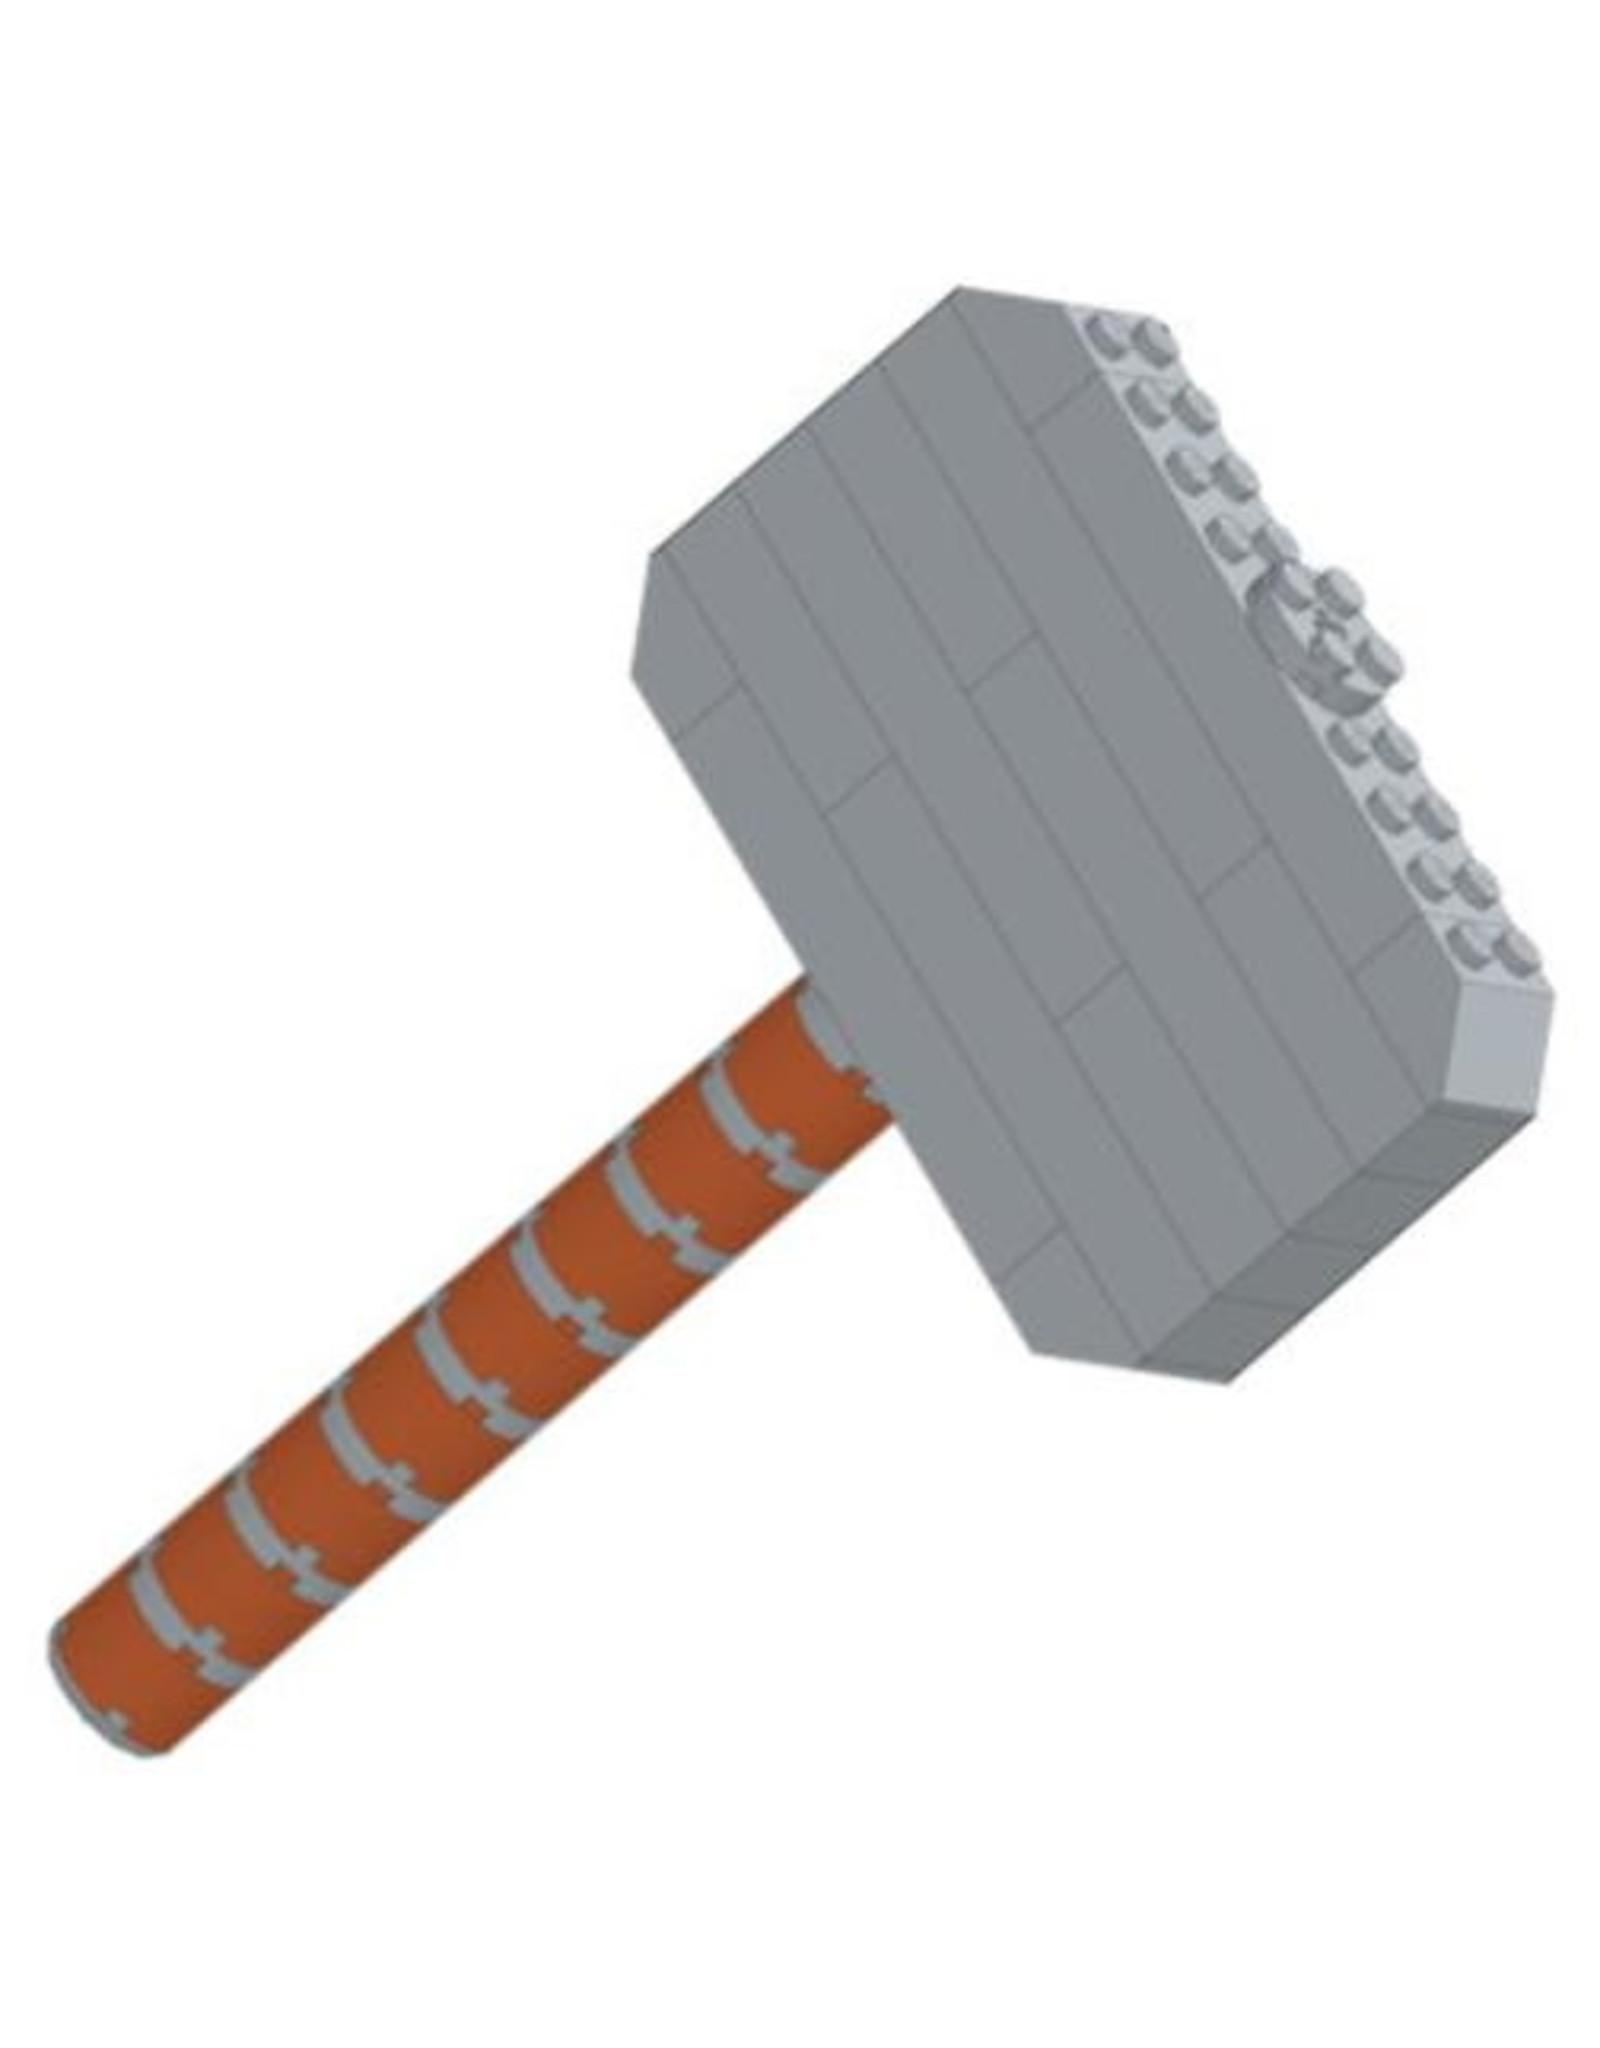 MJOLNIR LEGO SET